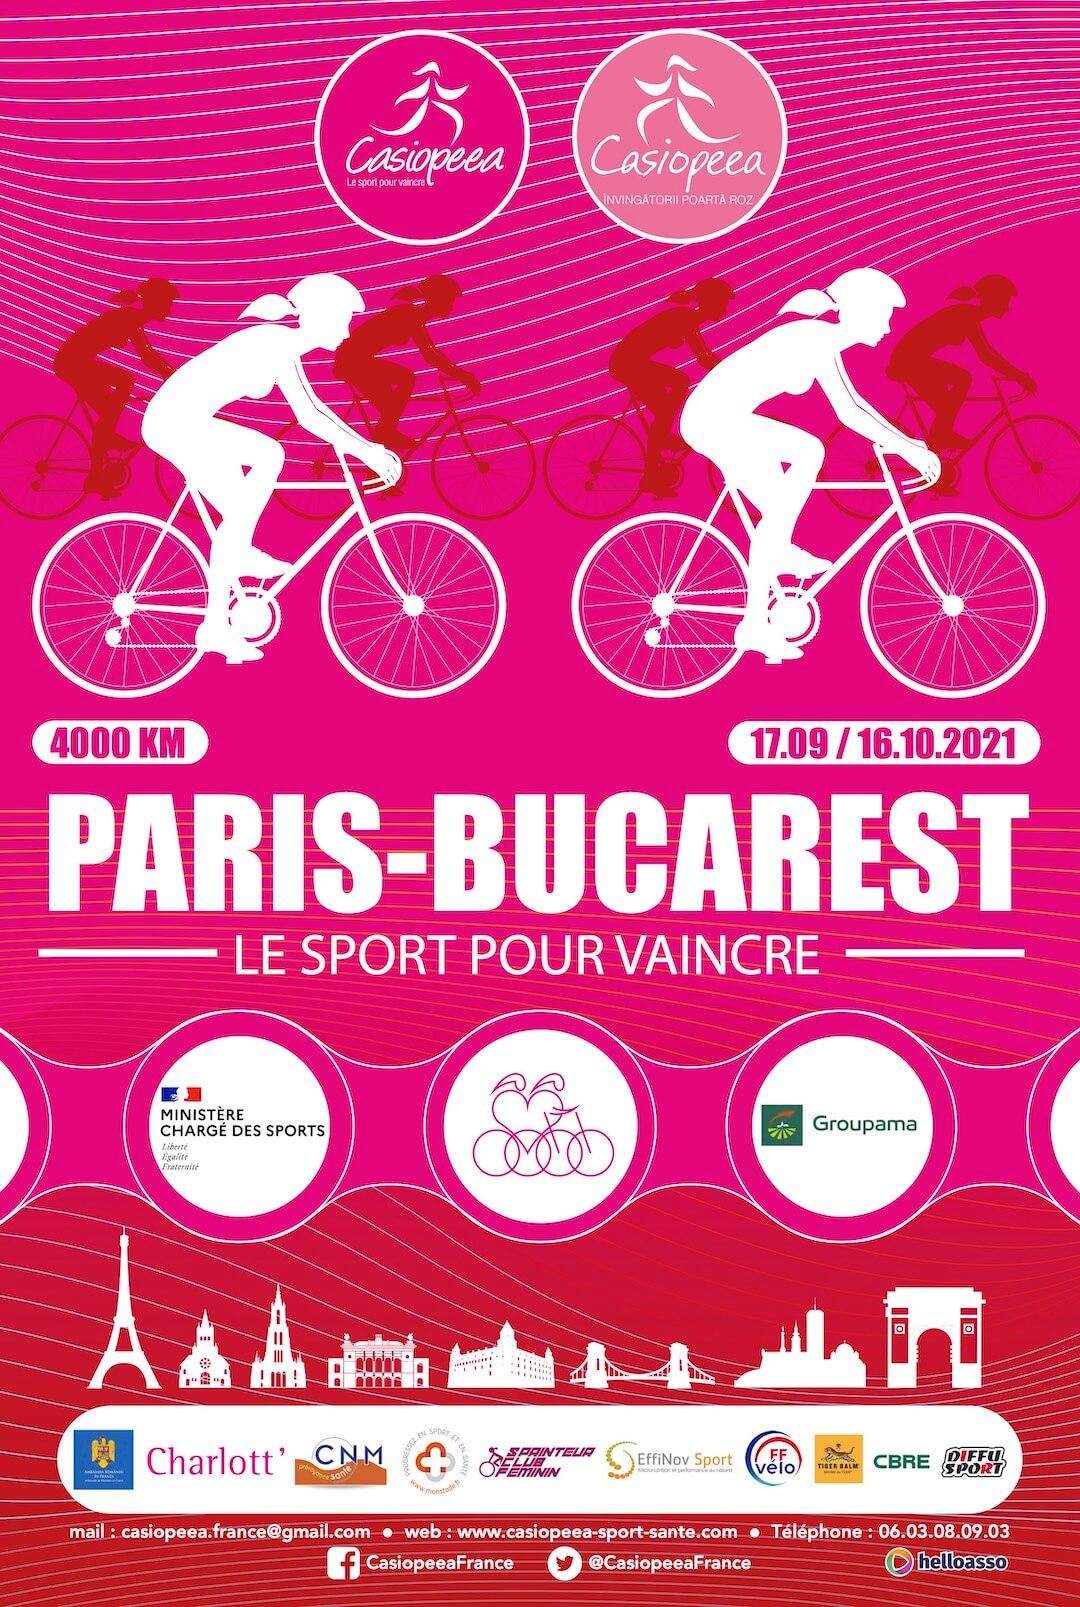 PARIS-BUCAREST 2021